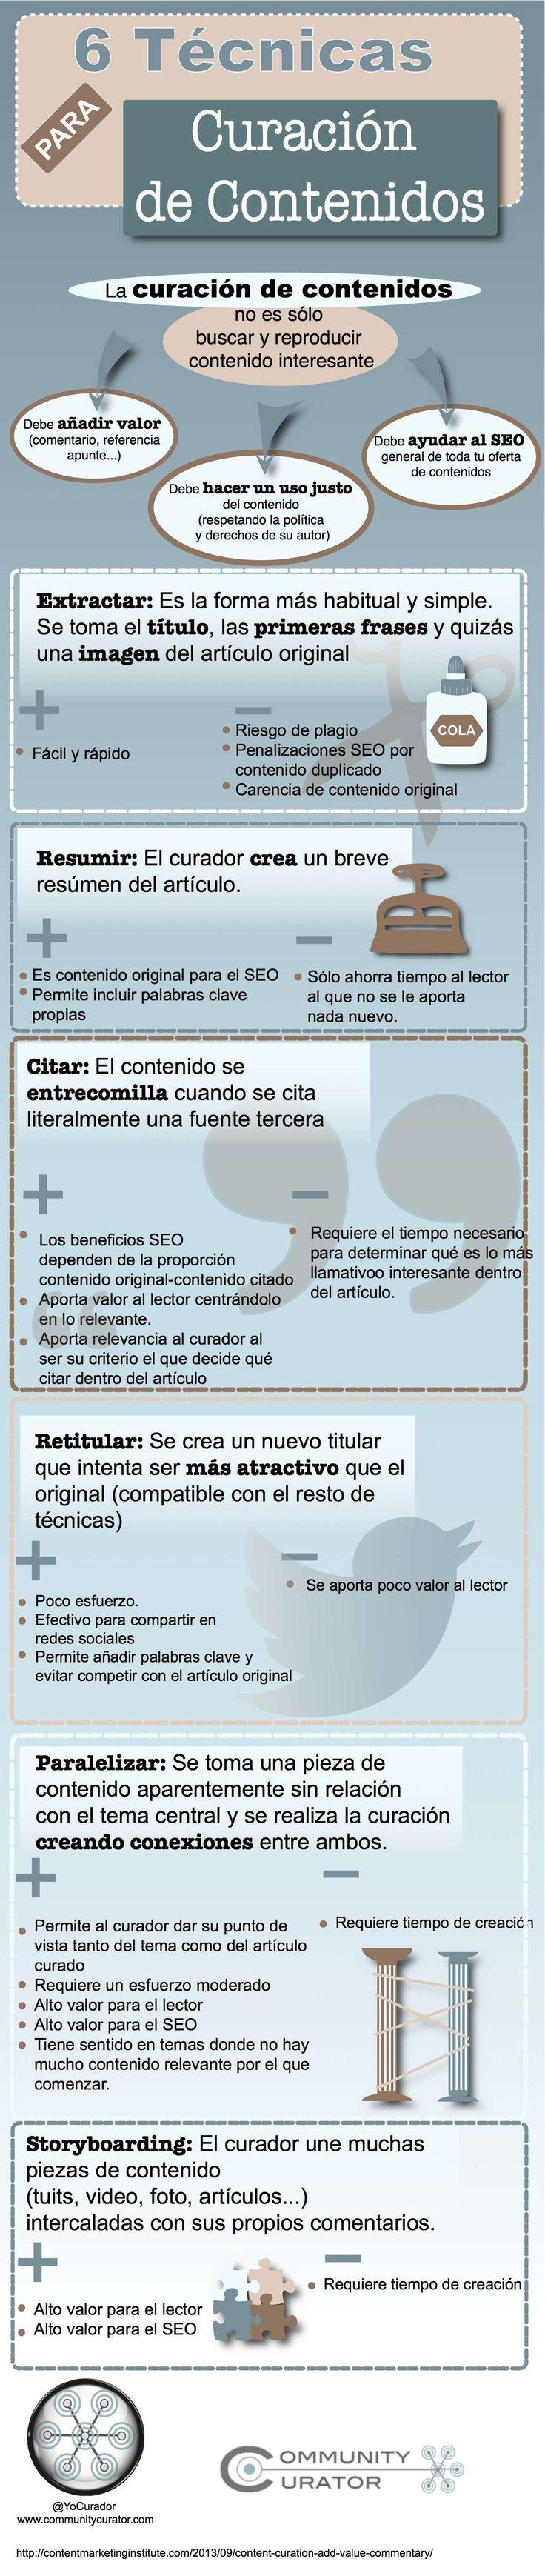 Curación de contenidos: 6 técnicas (infografía) vía @Antonio Villa Bauzano